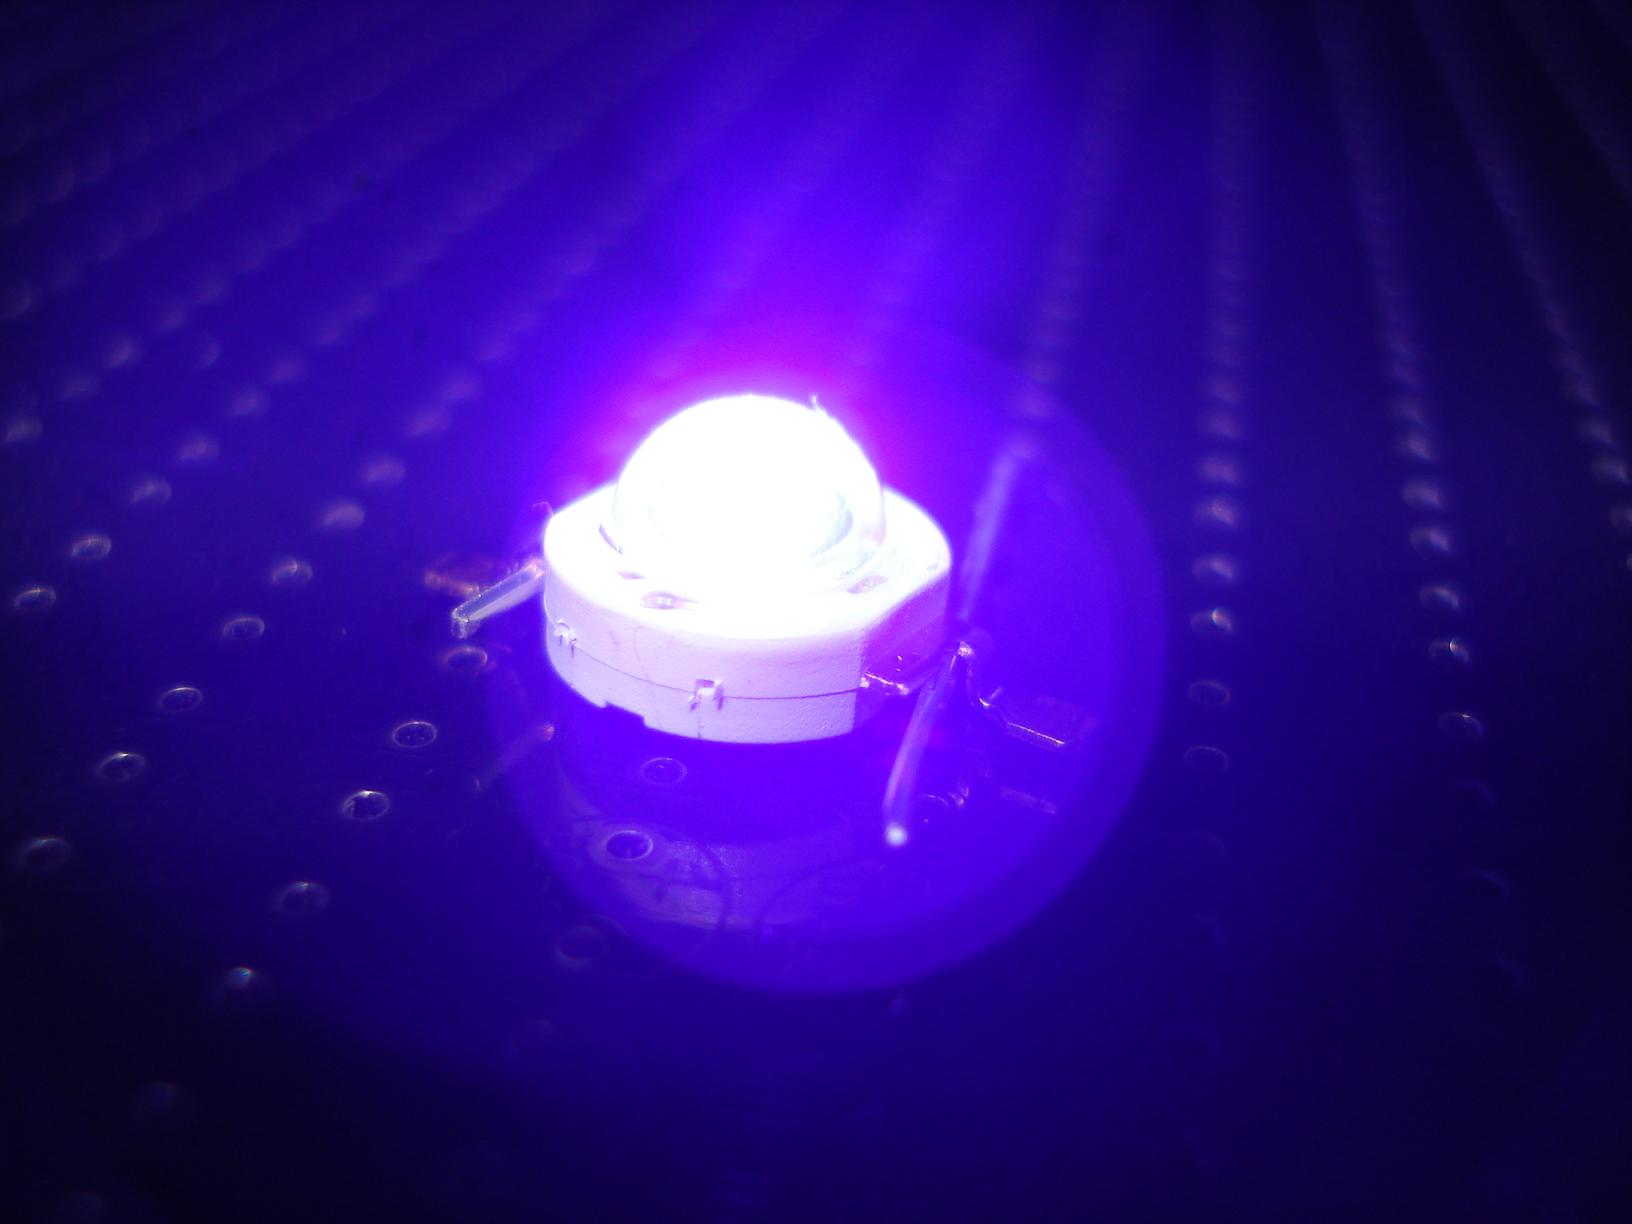 Nâng cao hiệu suất của đèn LED UV bằng các vi sợi oxit kẽm